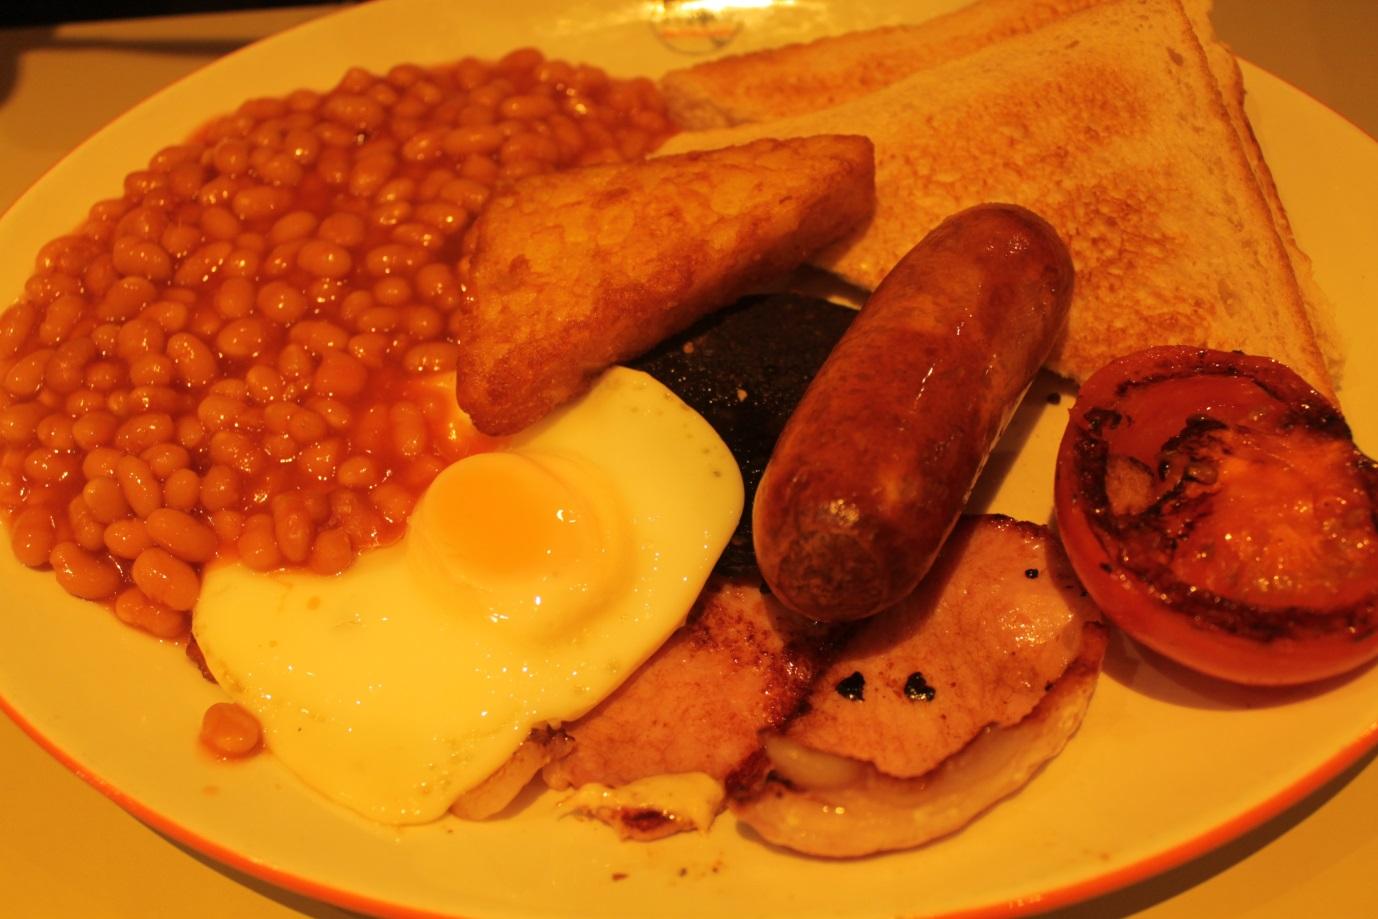 なぜイギリス料理は美味しくないと思われているのかを検証してみた